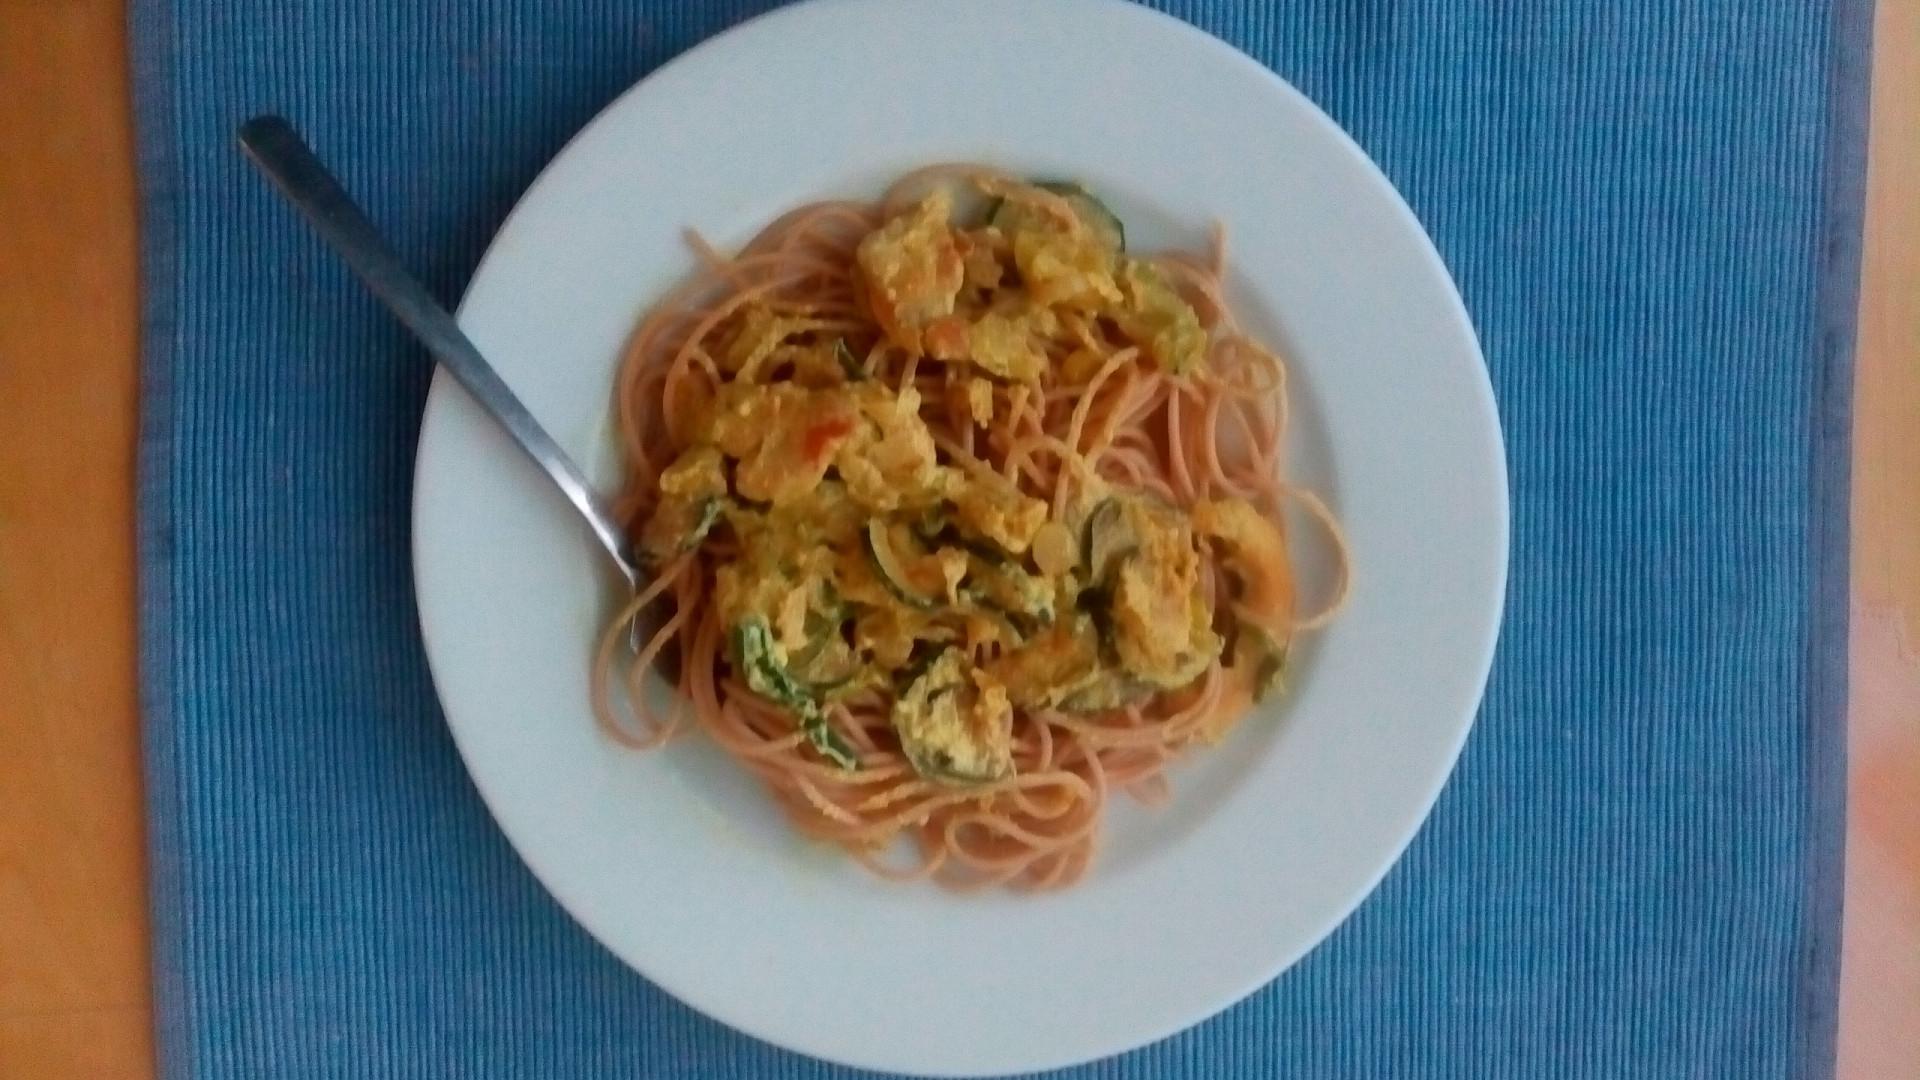 Celozrnné špagety se zelenou omáčkou